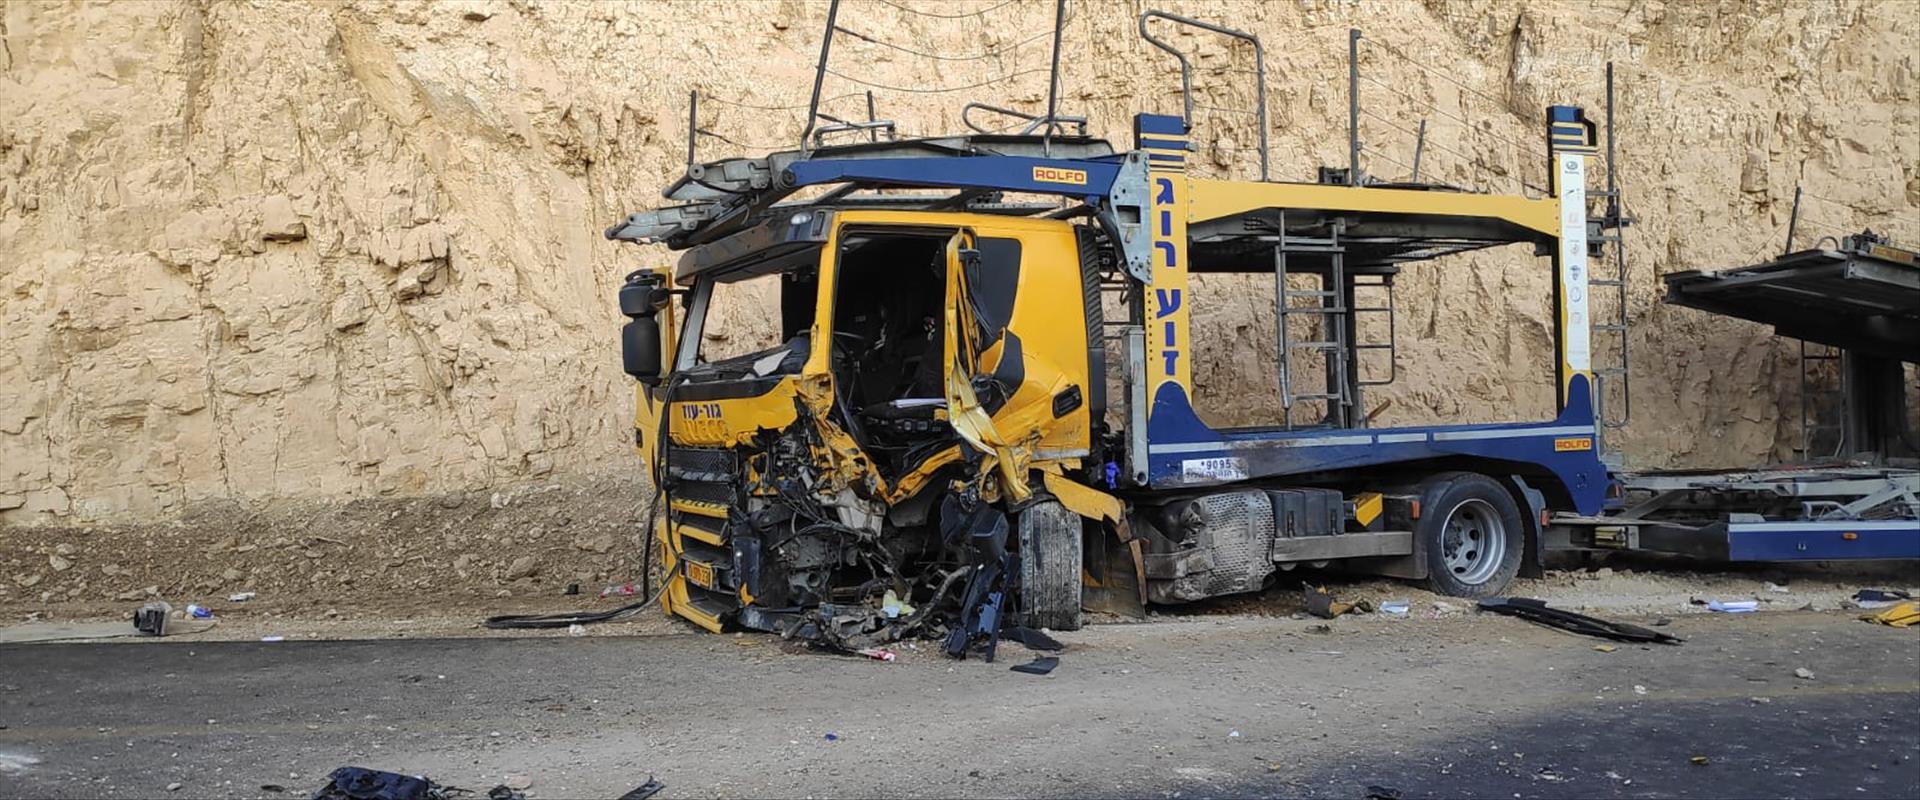 תאונת דרכים בצומת פארן בחודש אוקטובר